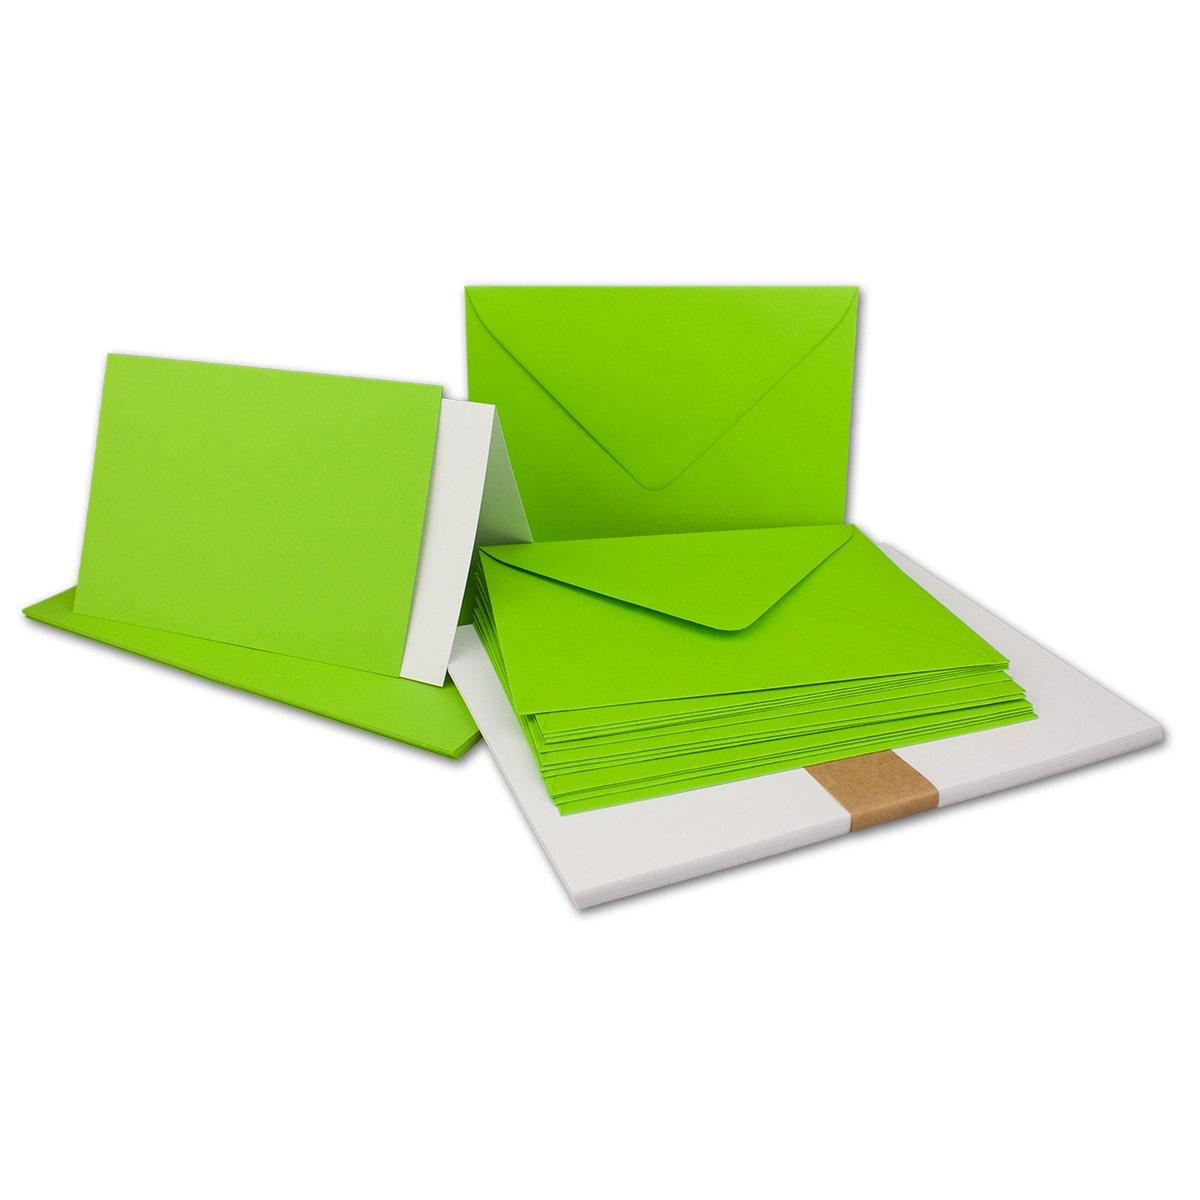 150 Sets - Faltkarten Hellgrau - - - DIN A5  Umschläge  Einlegeblätter DIN C5 - PREMIUM QUALITÄT - sehr formstabil - Qualitätsmarke  NEUSER FarbenFroh B07C31CKPK Kartenkartons Guter weltweiter Ruf 200068